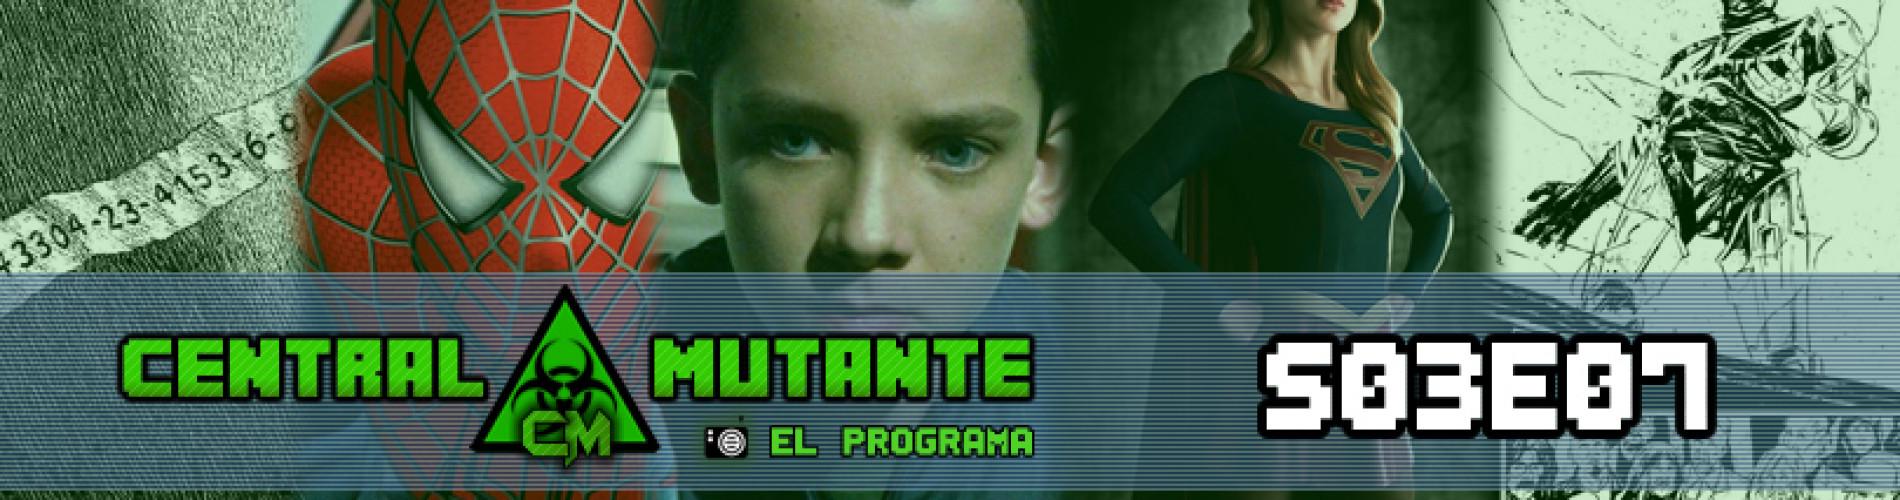 Descargá Central Mutante S03 E07